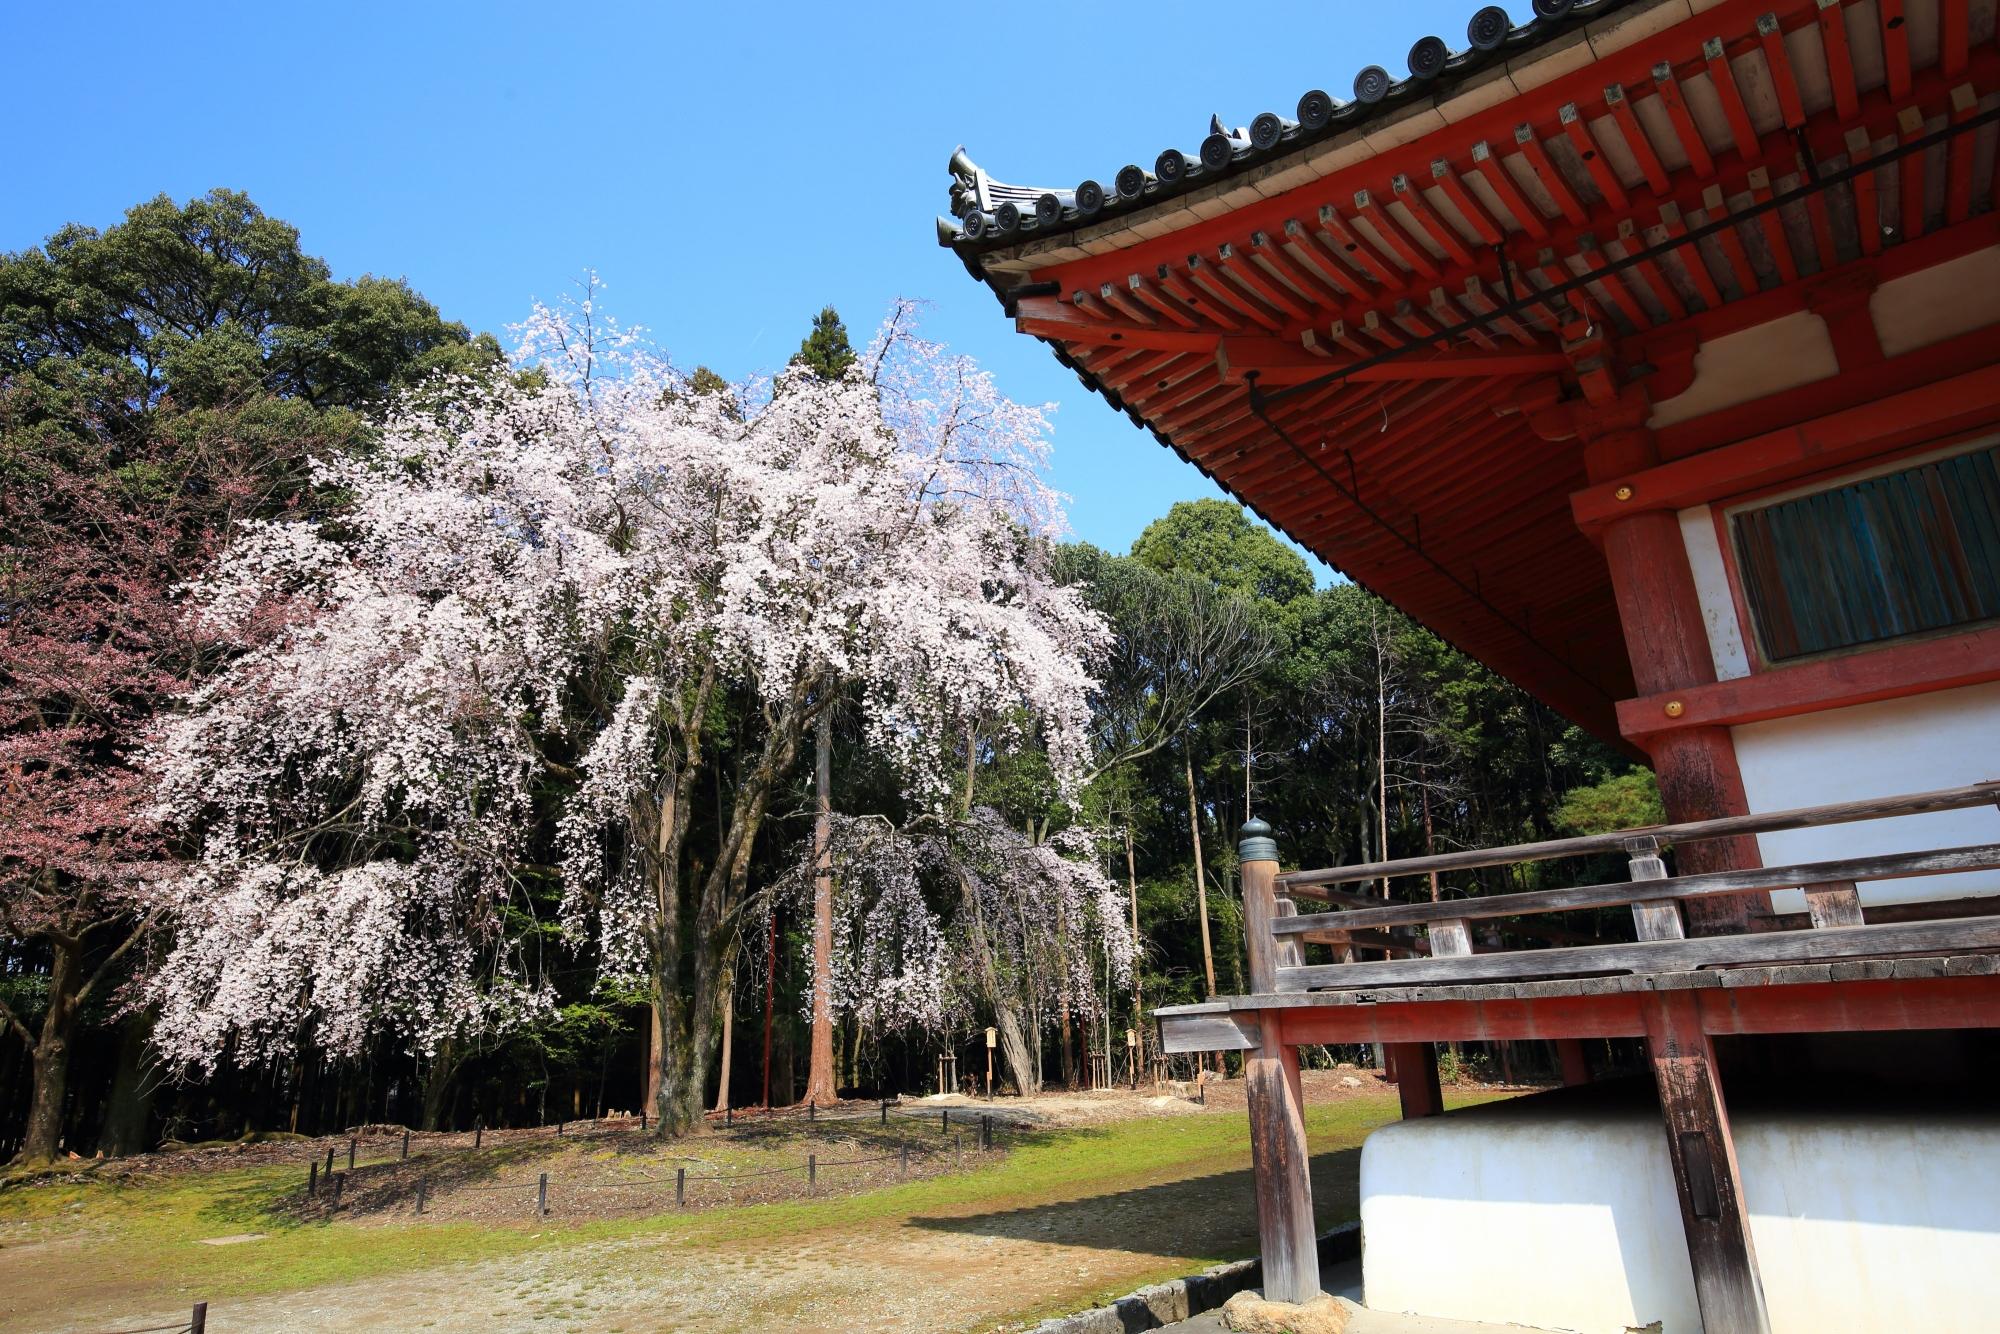 金堂の朱色と青空に映える華やかなしだれ桜